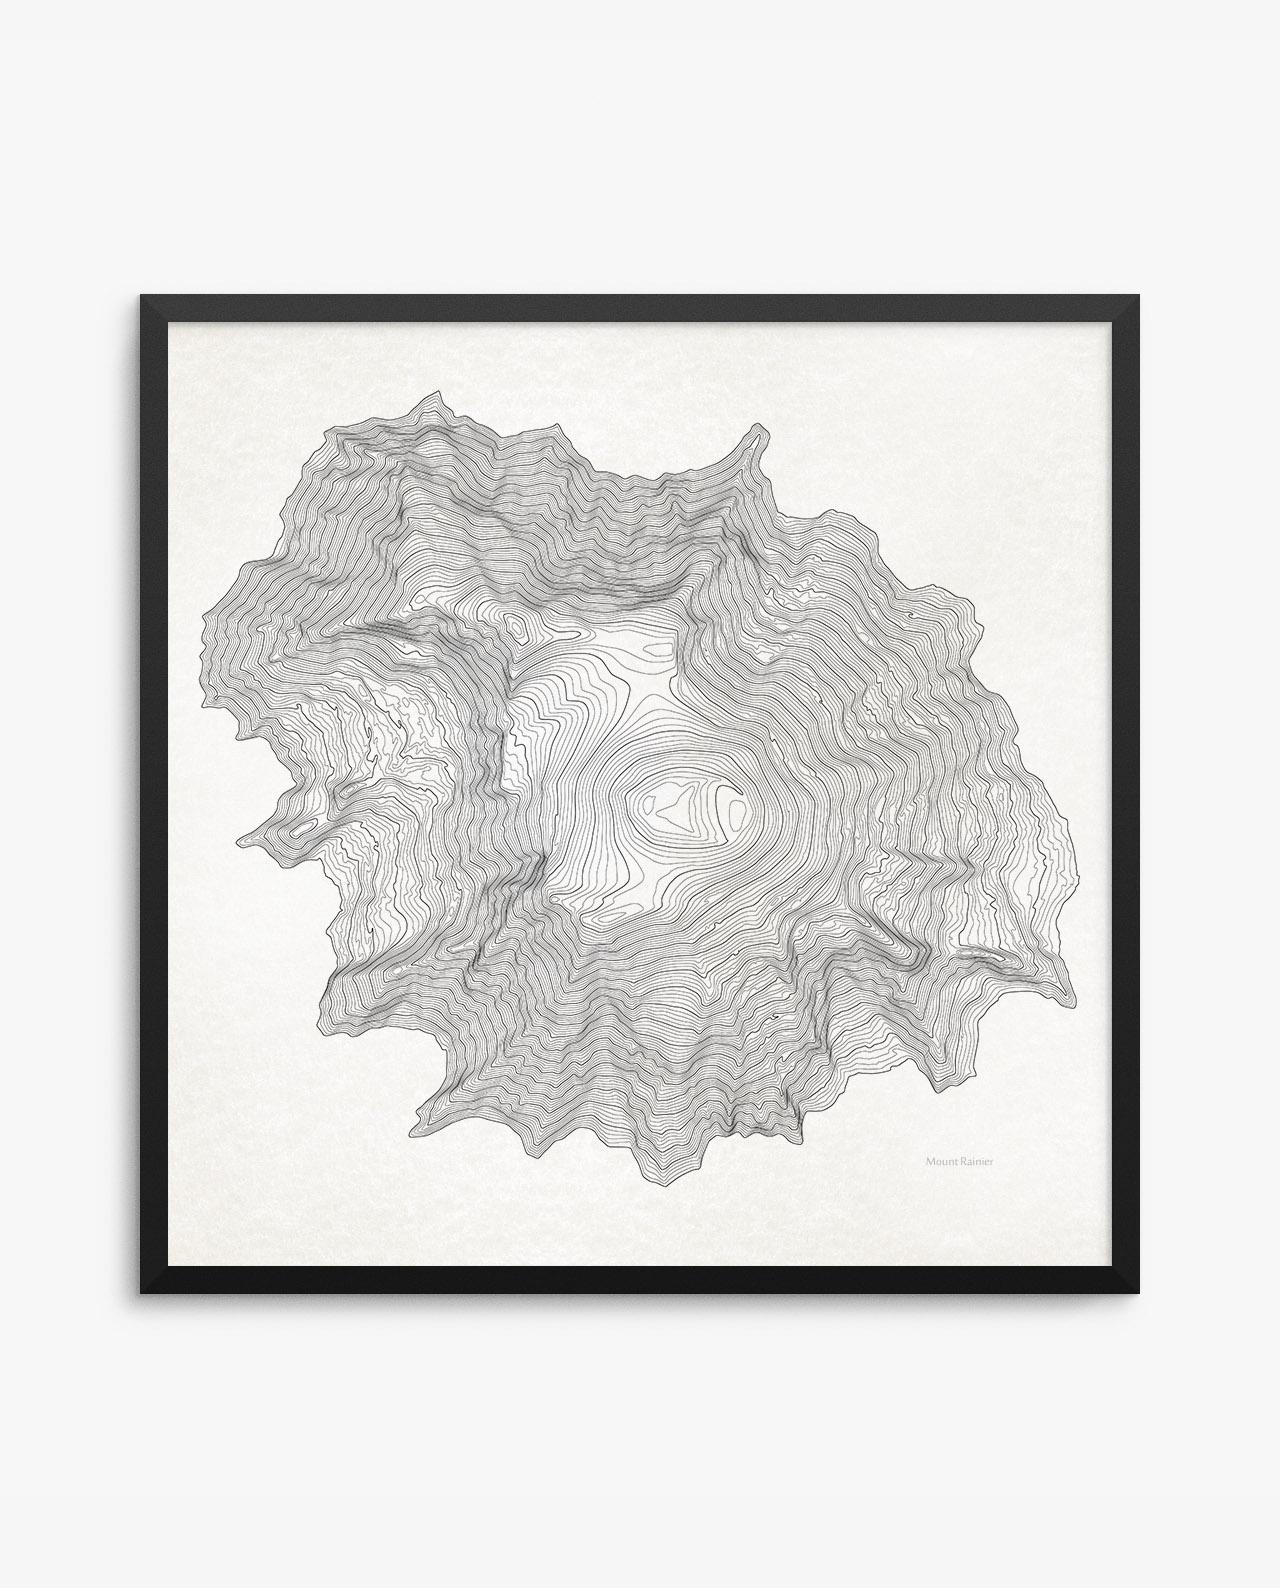 Mount Rainier Contours Vintage Poster